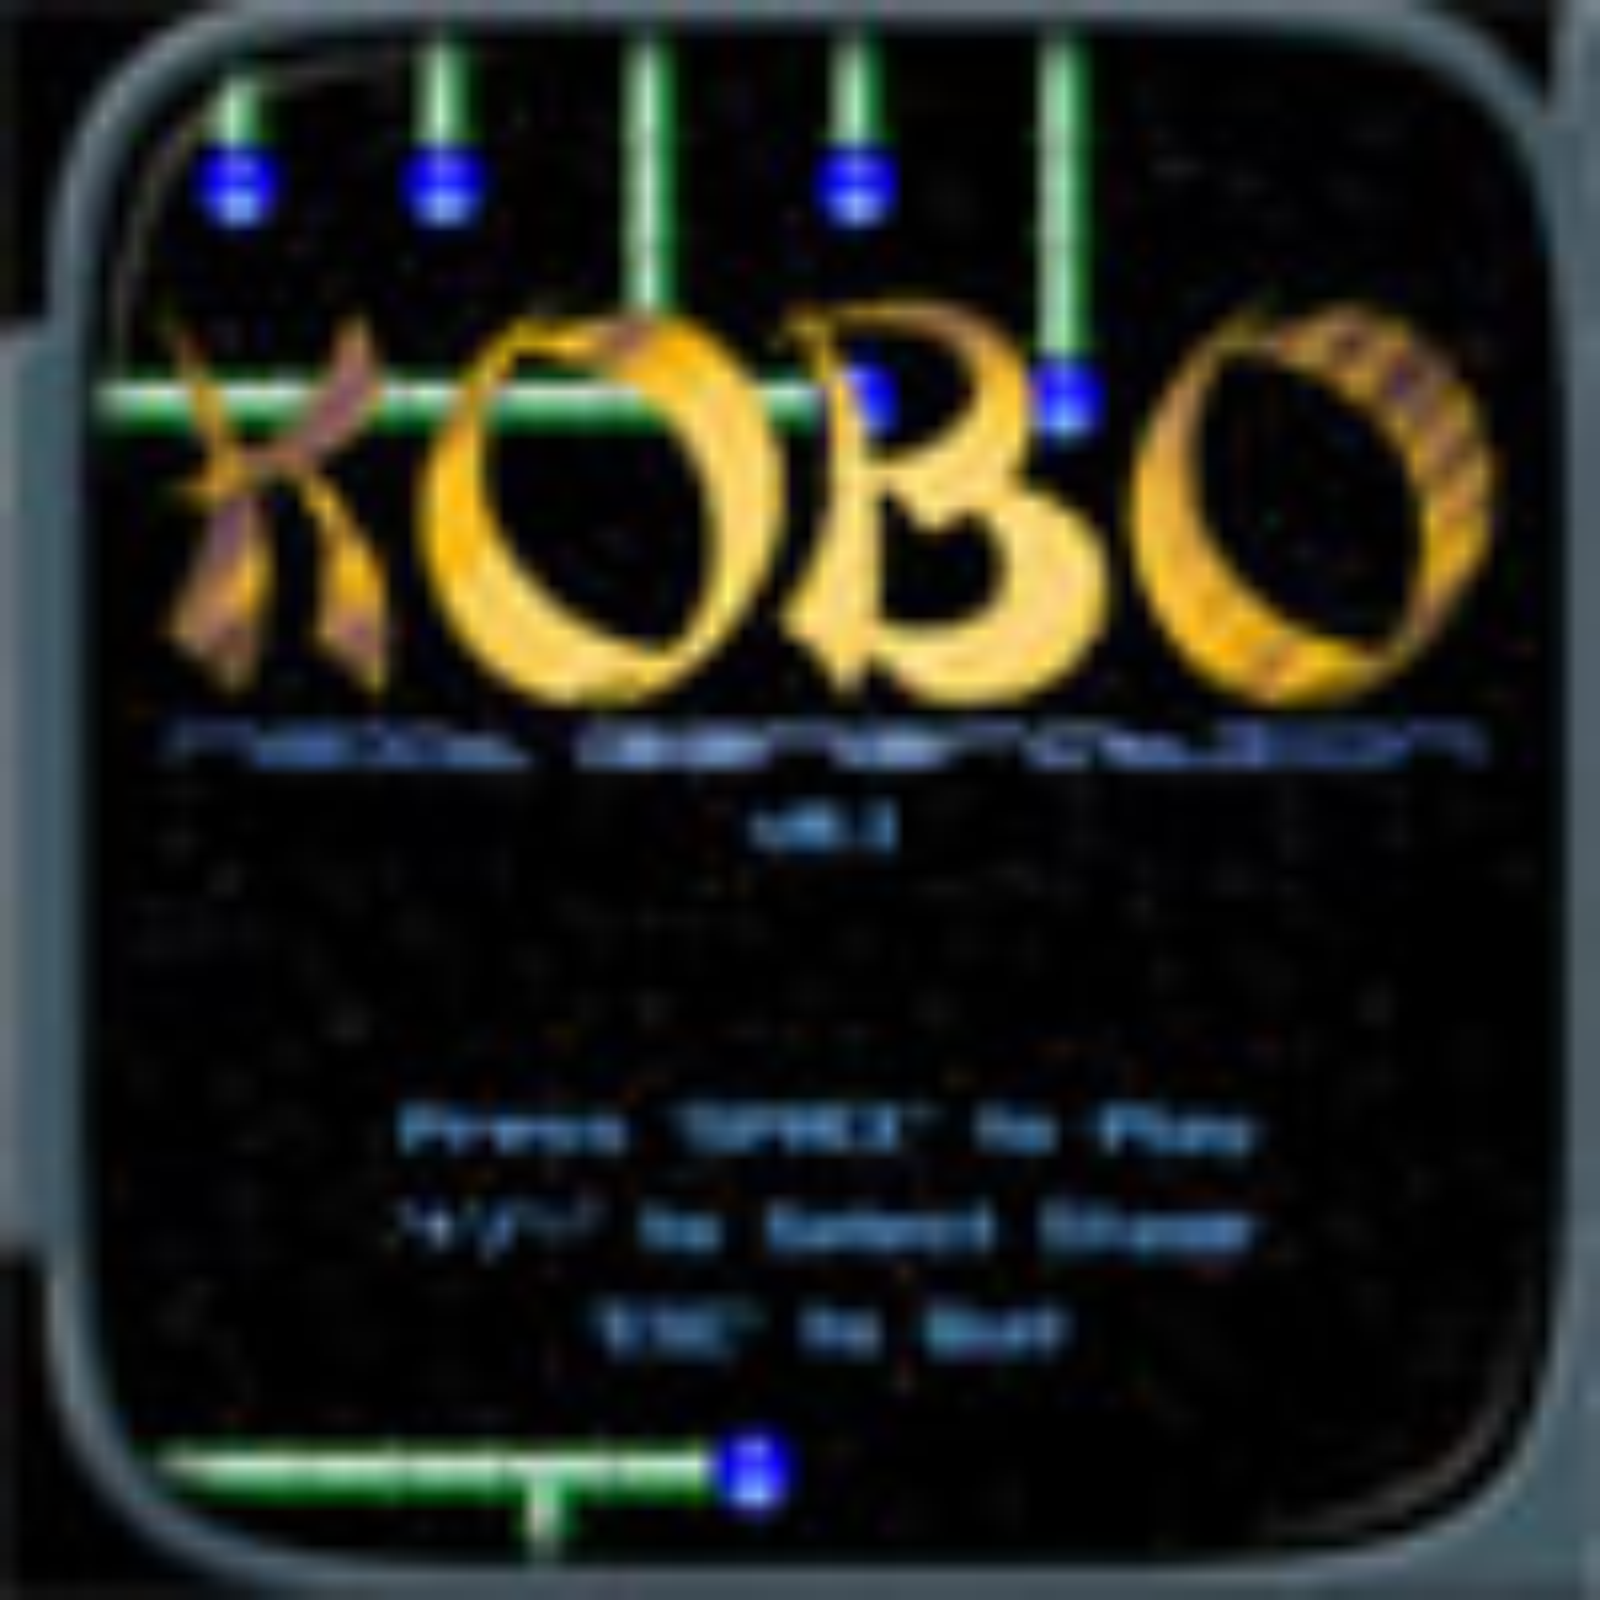 Kobo Deluxe 0.5.1